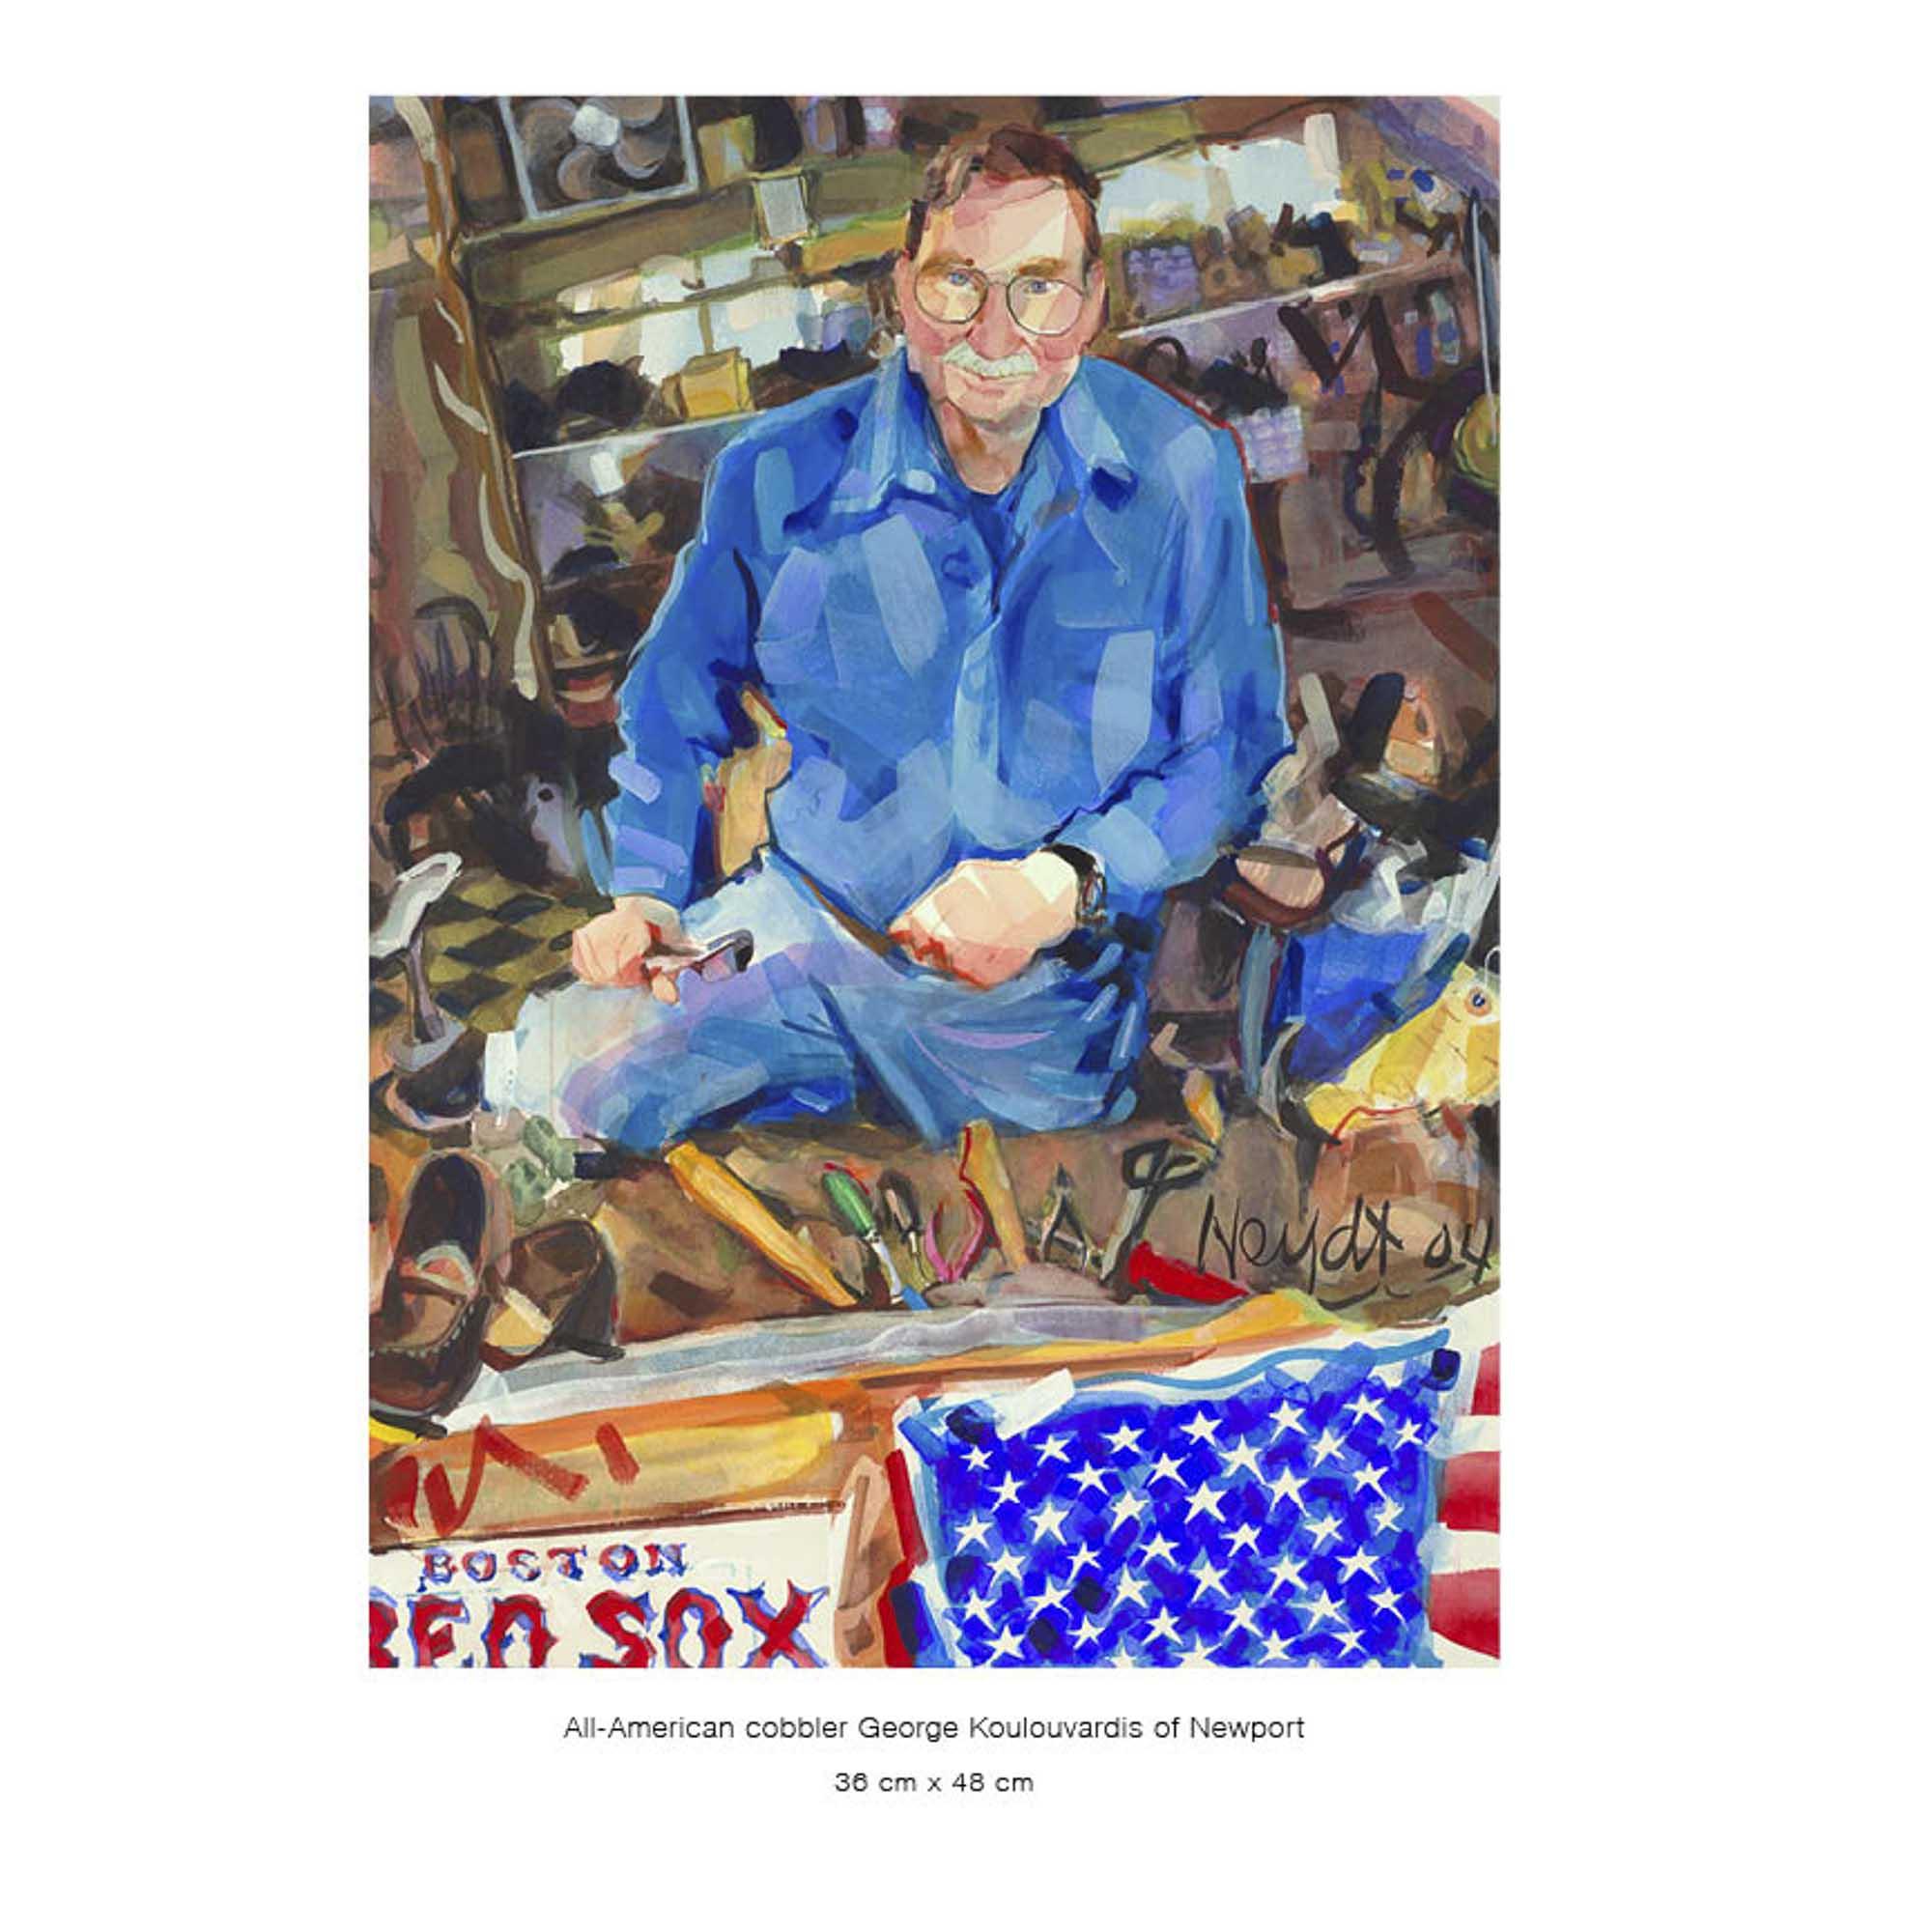 Book 5 - Newportant People Too26.jpg